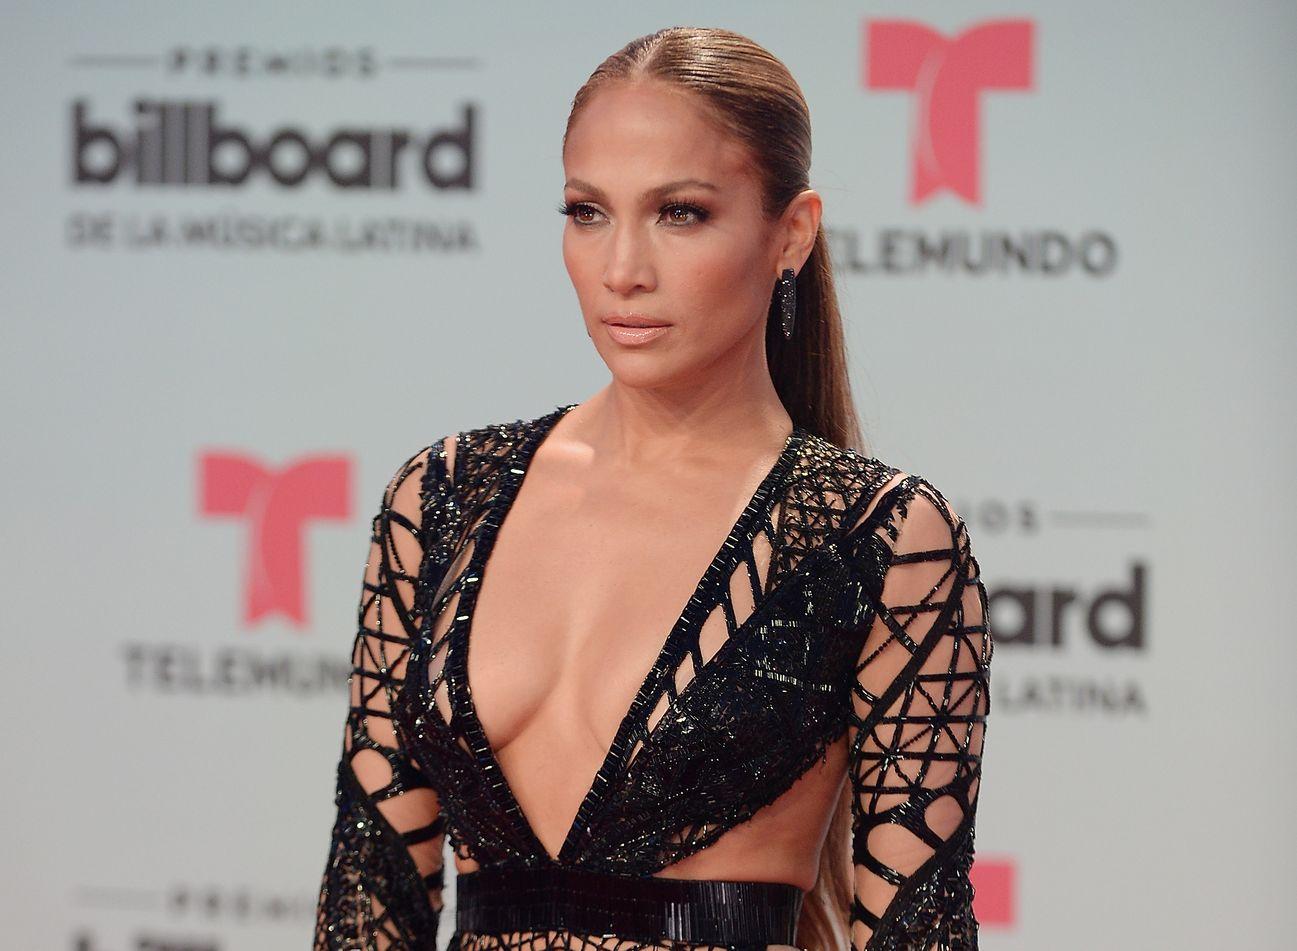 Дженнифер Лопес на церемонии Billboard Latin Music Awards